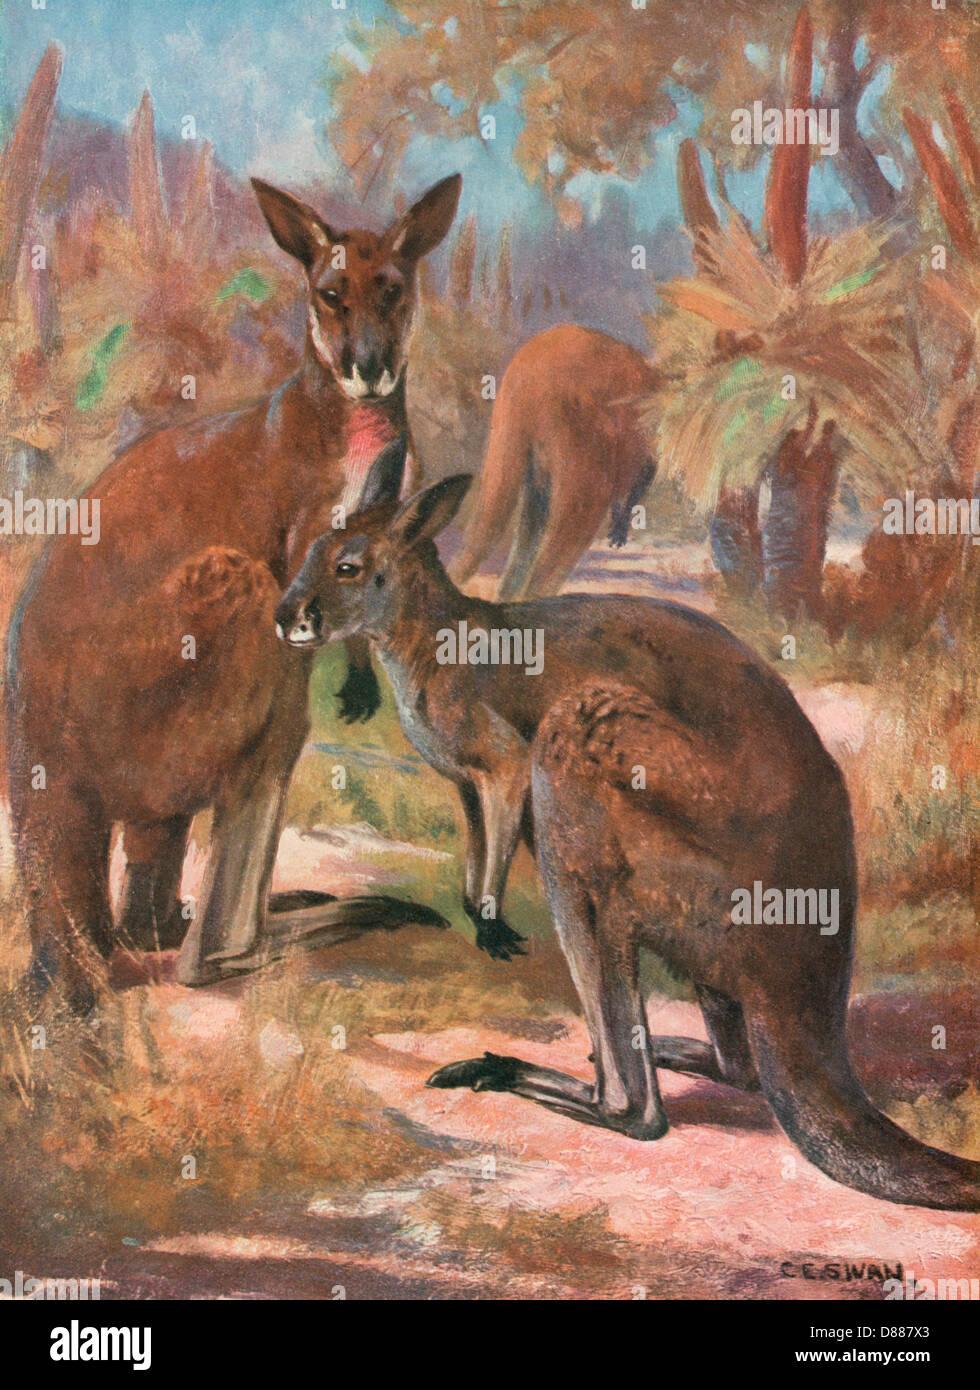 Kangaroos 1909 - Stock Image